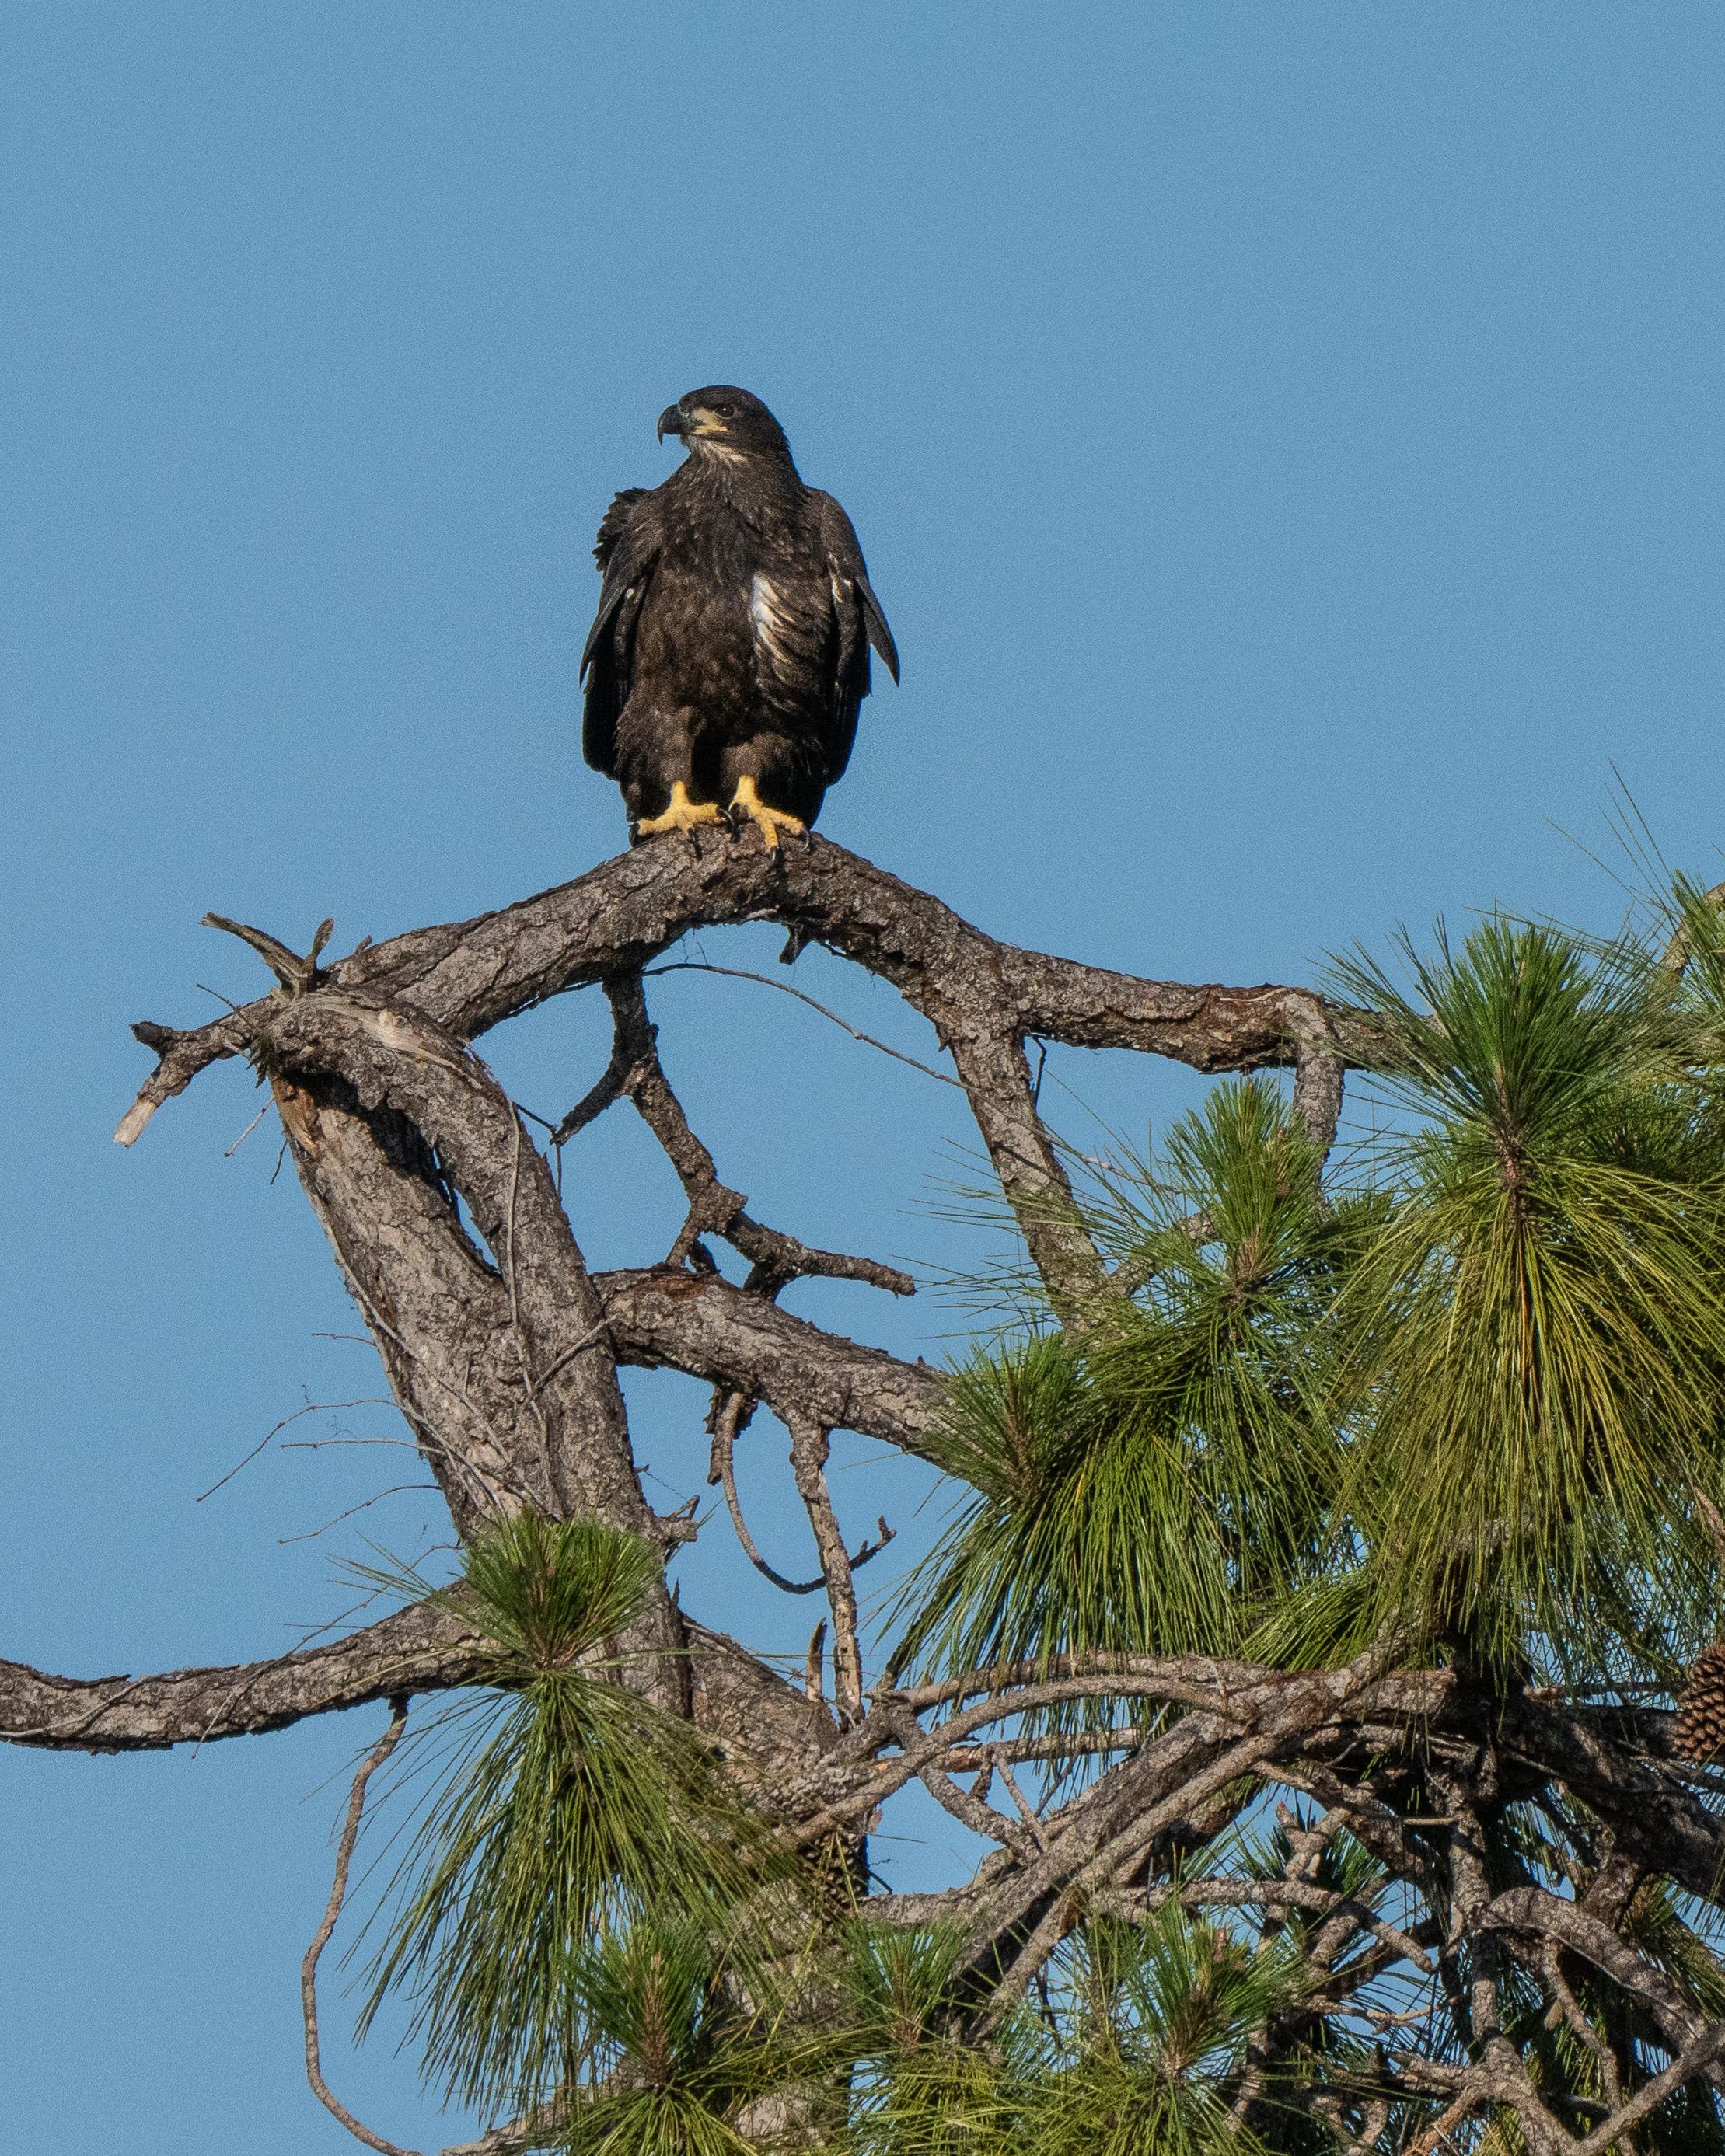 #baldeagle, #eagle, #juvenile, #bird, #birdphotography, #nature, #wildlife, #naturephotography, #wildlifephotography, #florida, #sonyalpha, #naplesflorida